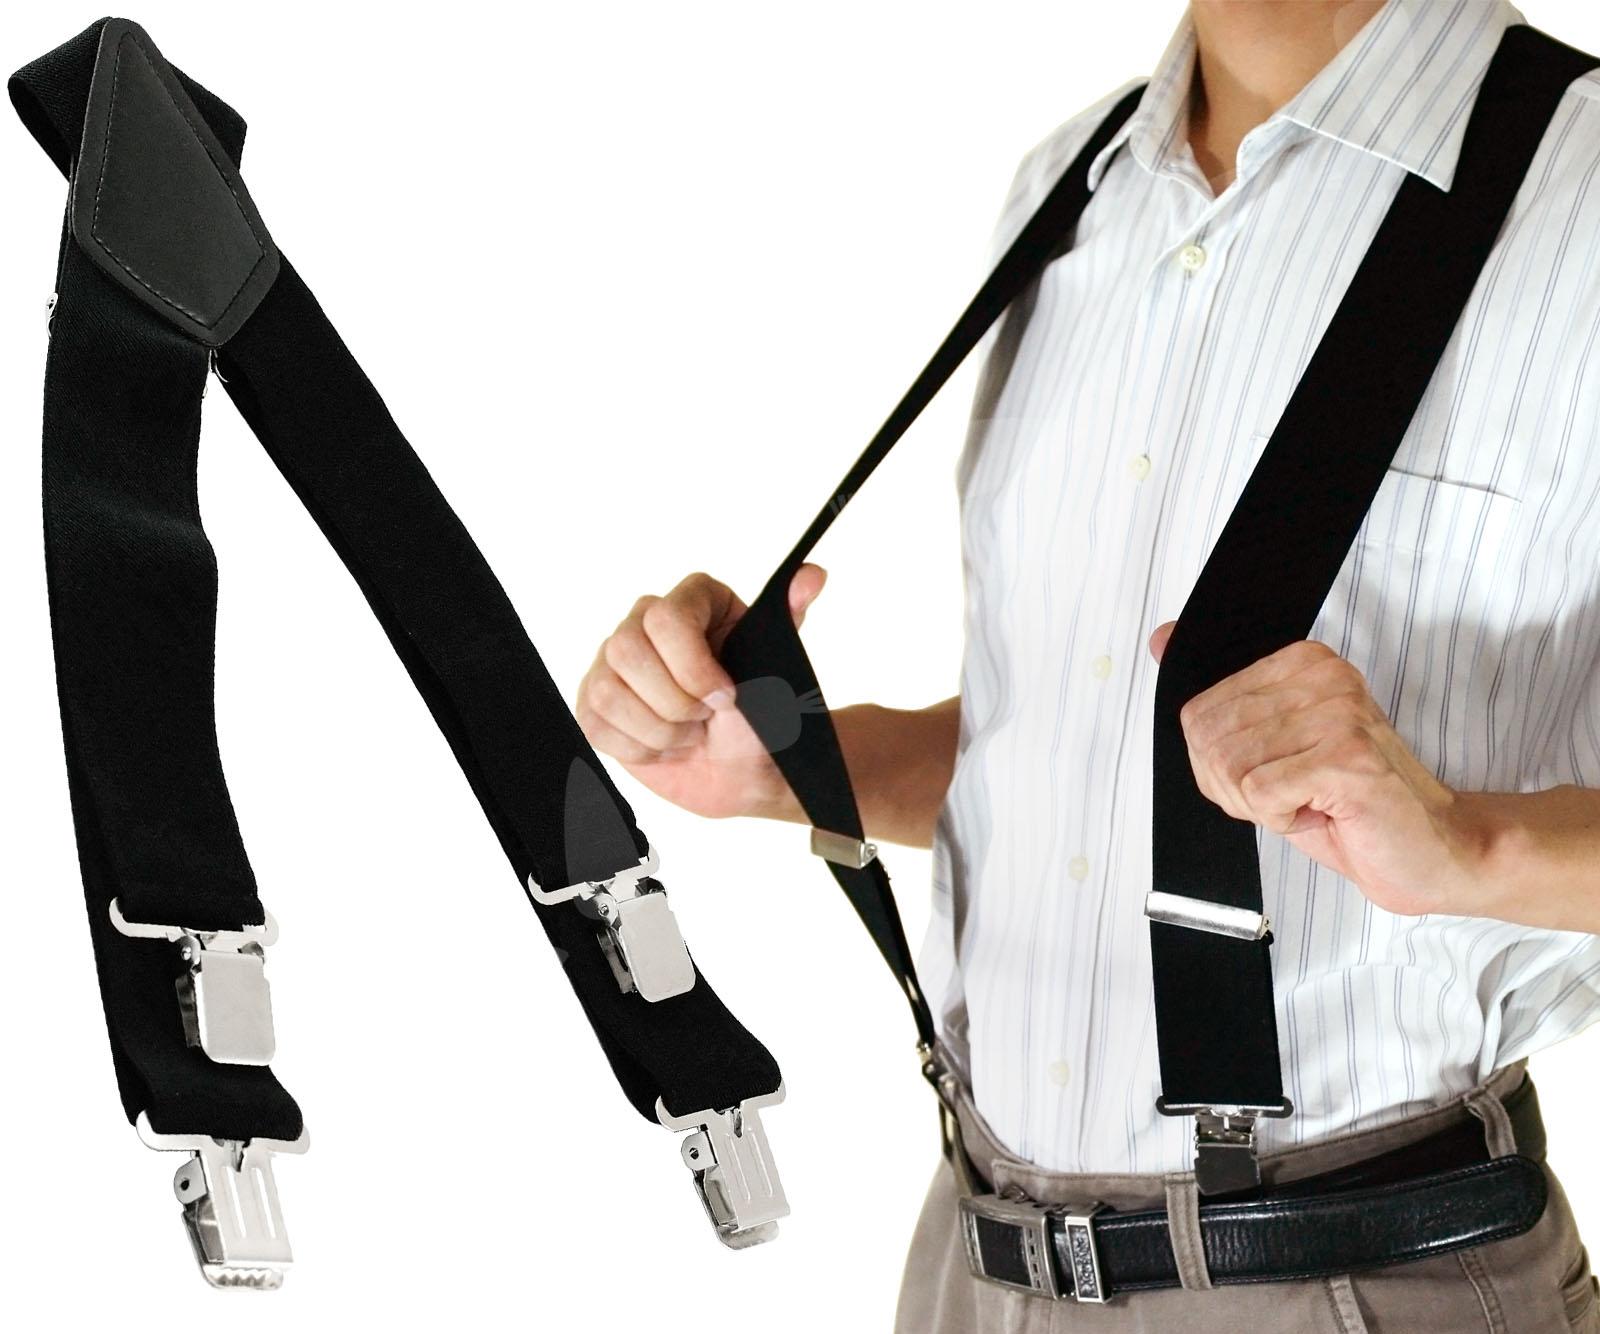 Подтяжки для штанов своими руками